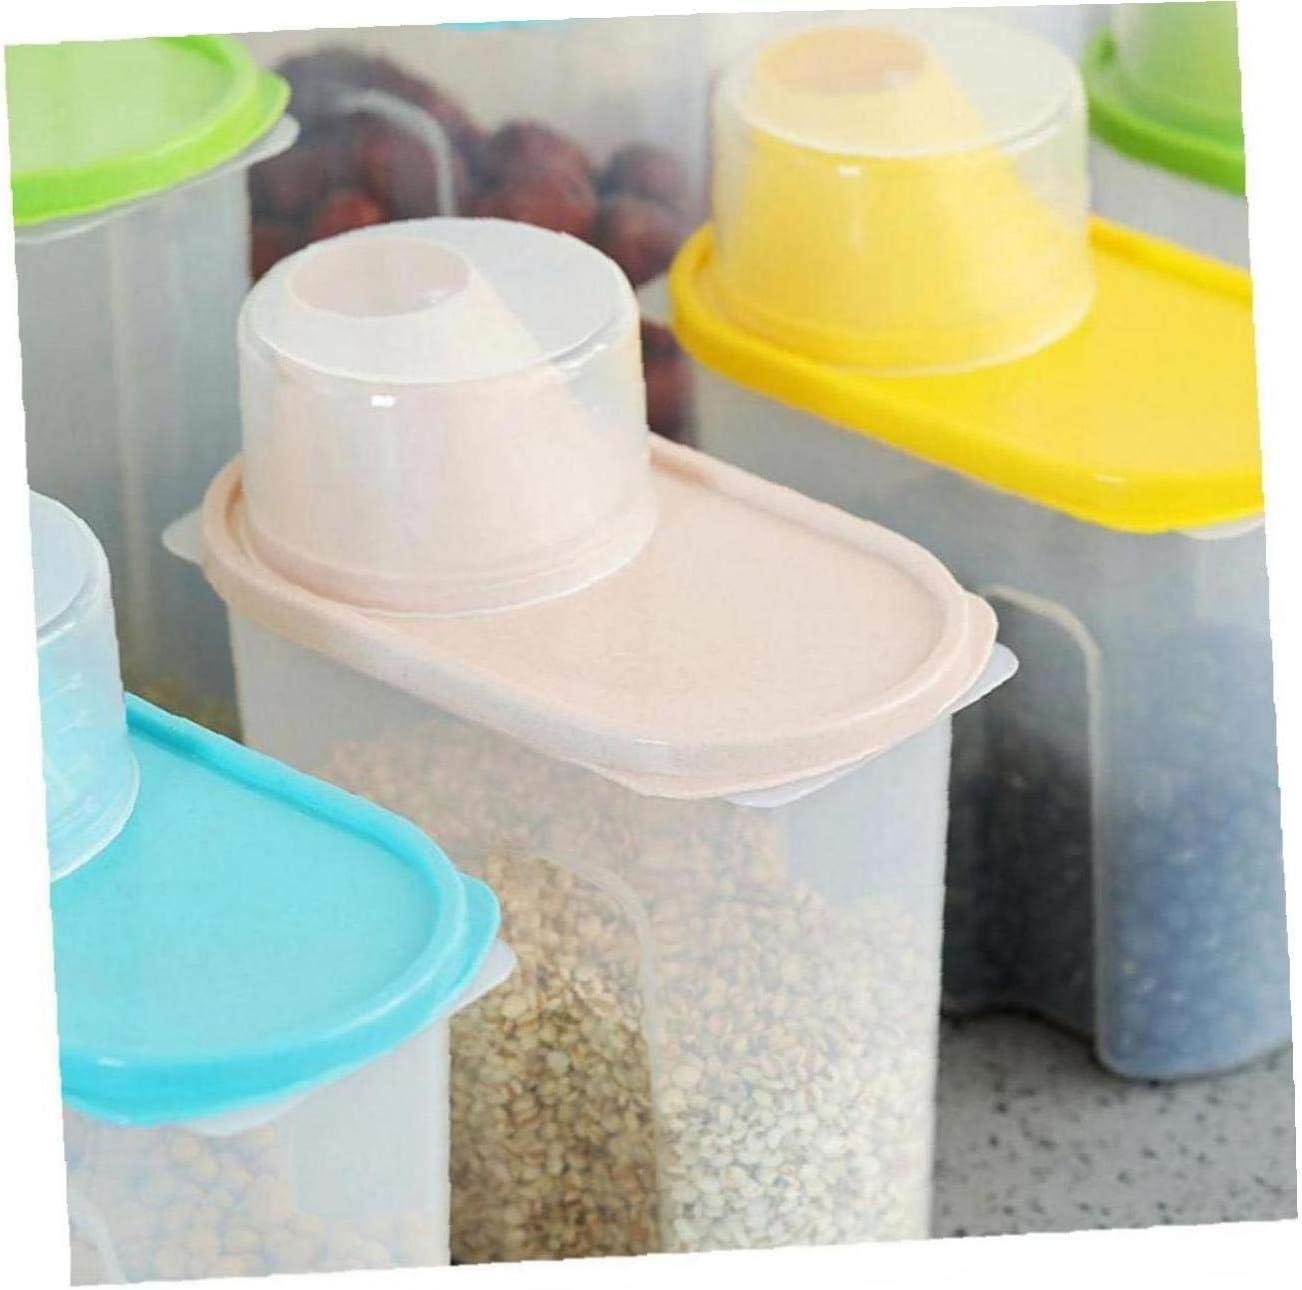 2.5L Multi-Grain vasetti di plastica da Cucina Organizzatore di Tenuta del Serbatoio per Riso Cereali integrali Kacniohen 4 Pezzi Rice Contenitore di immagazzinaggio